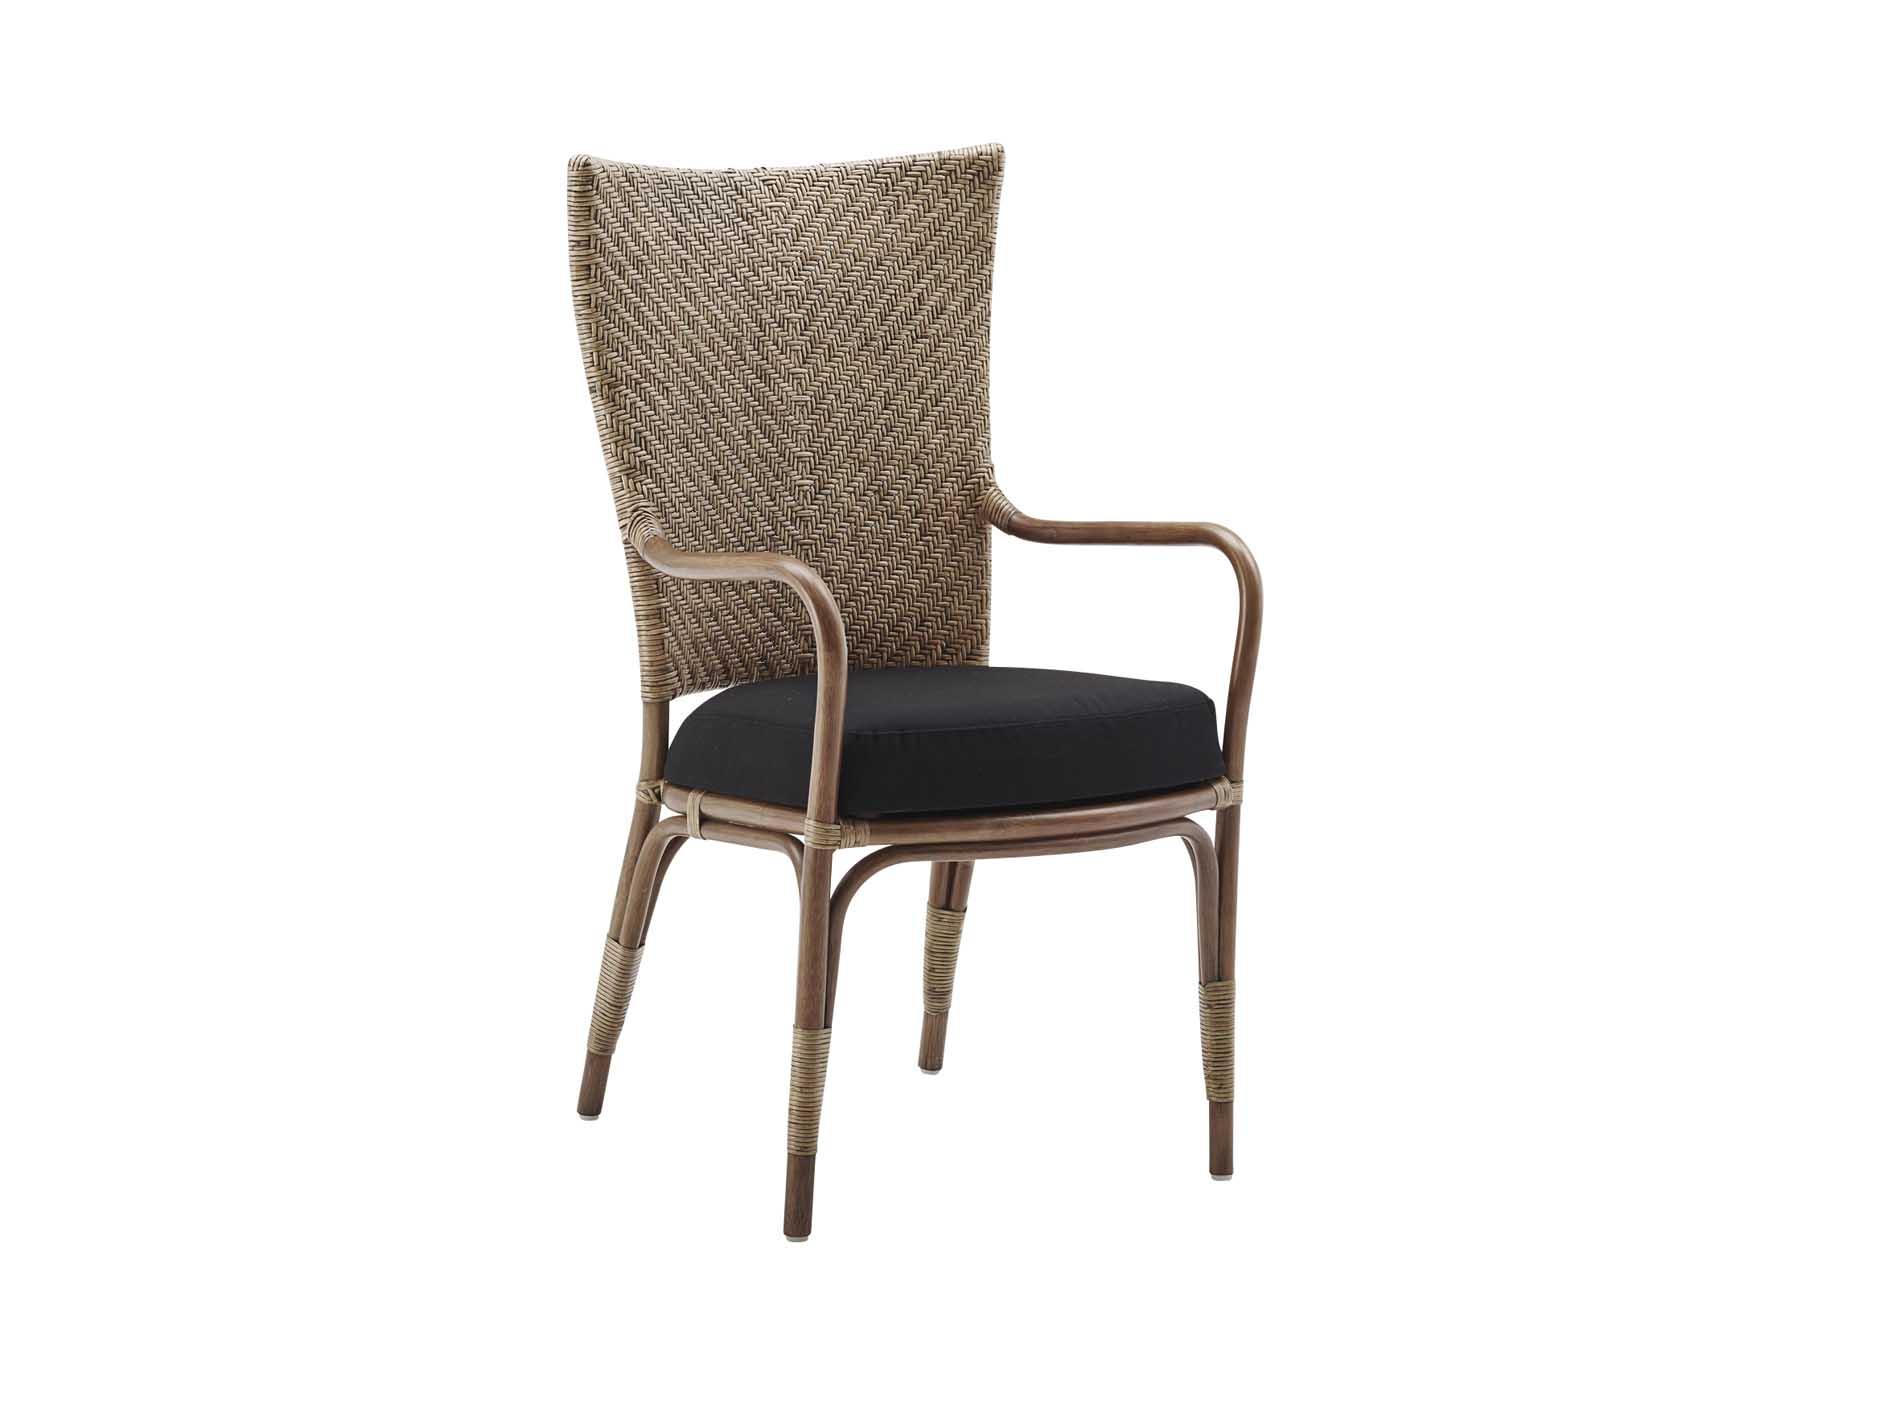 Chaise repas en rotin antique avec coussin façon tapissier